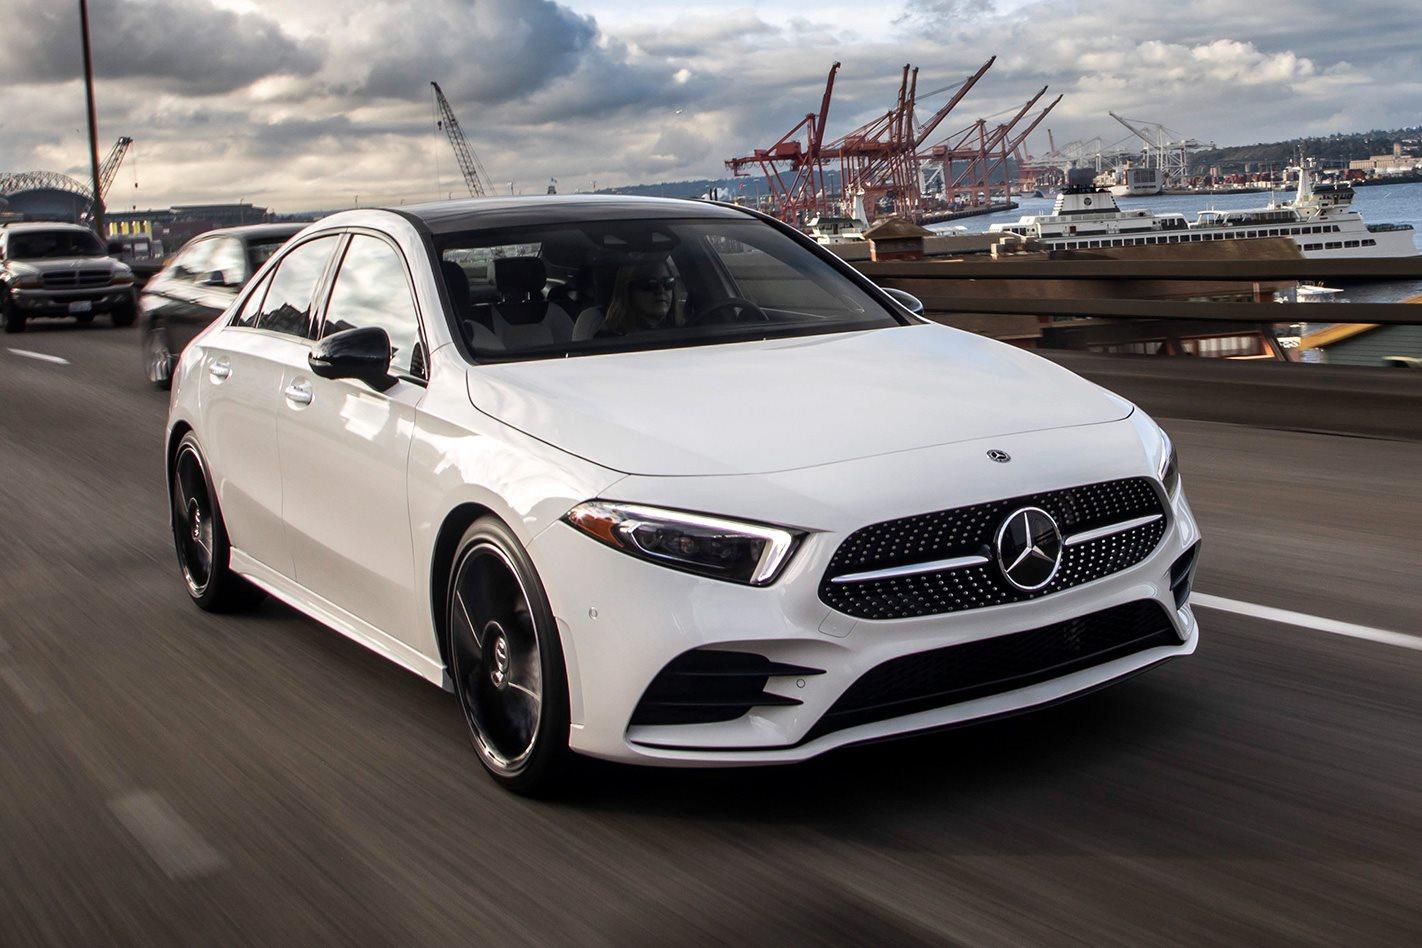 2019 Mercedes Benz A Class Sedan Review